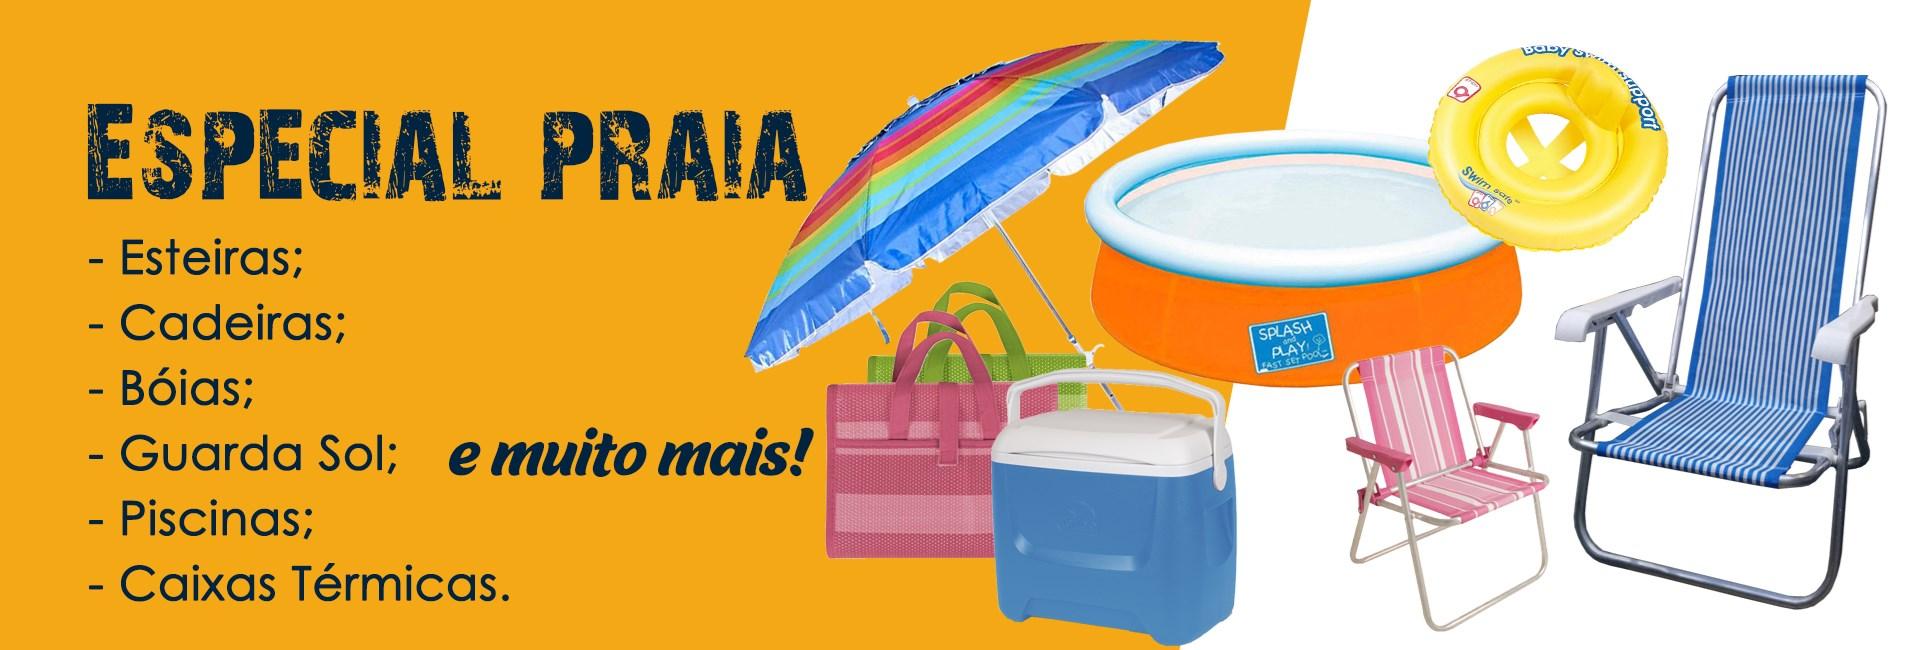 Especial Praia 2021